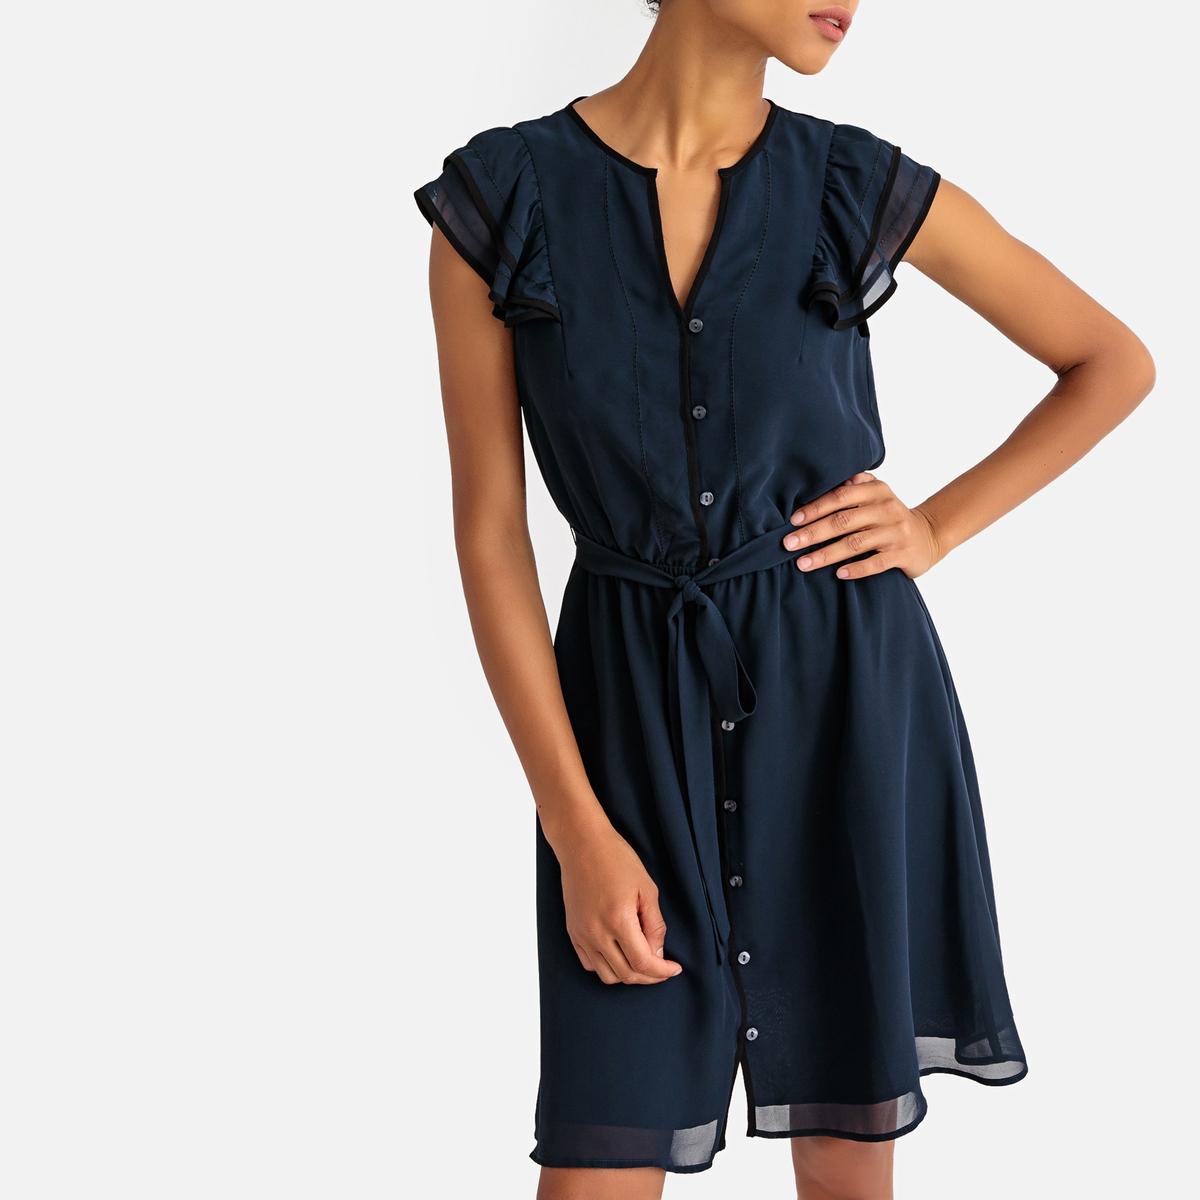 Платье-миди La Redoute Расклешенное с короткими рукавами с воланами 42 (FR) - 48 (RUS) синий платье миди la redoute расклешенное с короткими рукавами 42 fr 48 rus красный